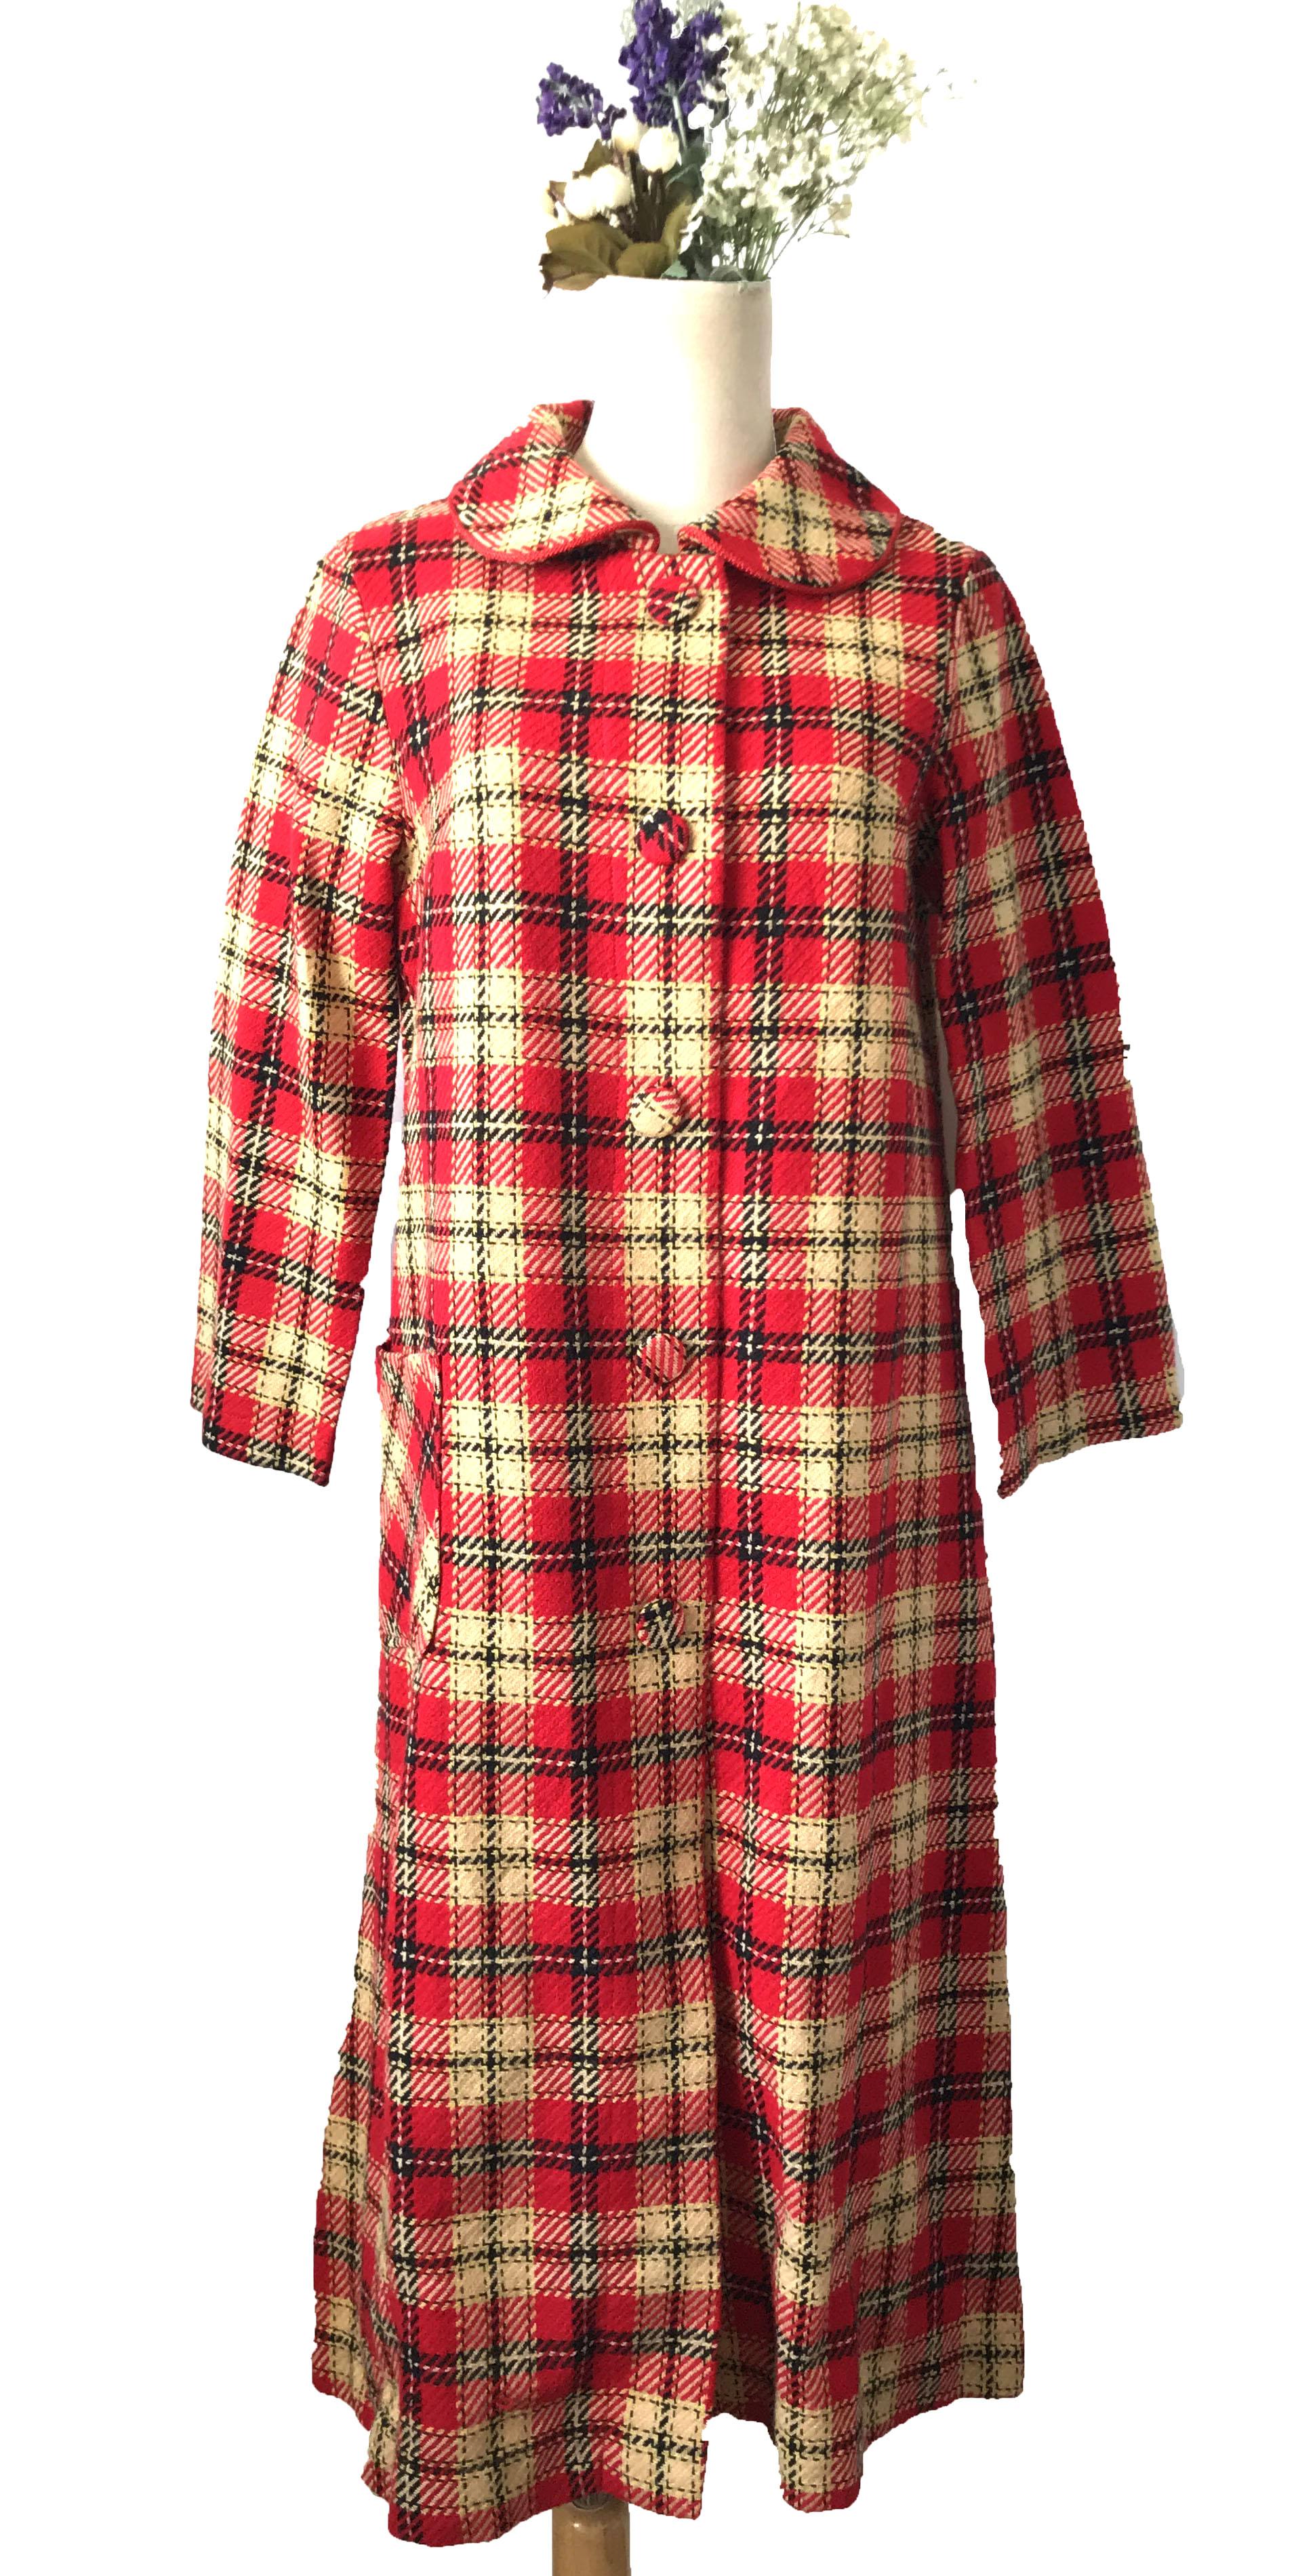 Vintage Vintage heavy work Plaid bag buckle for slim fit red Tweed Wool Coat coat